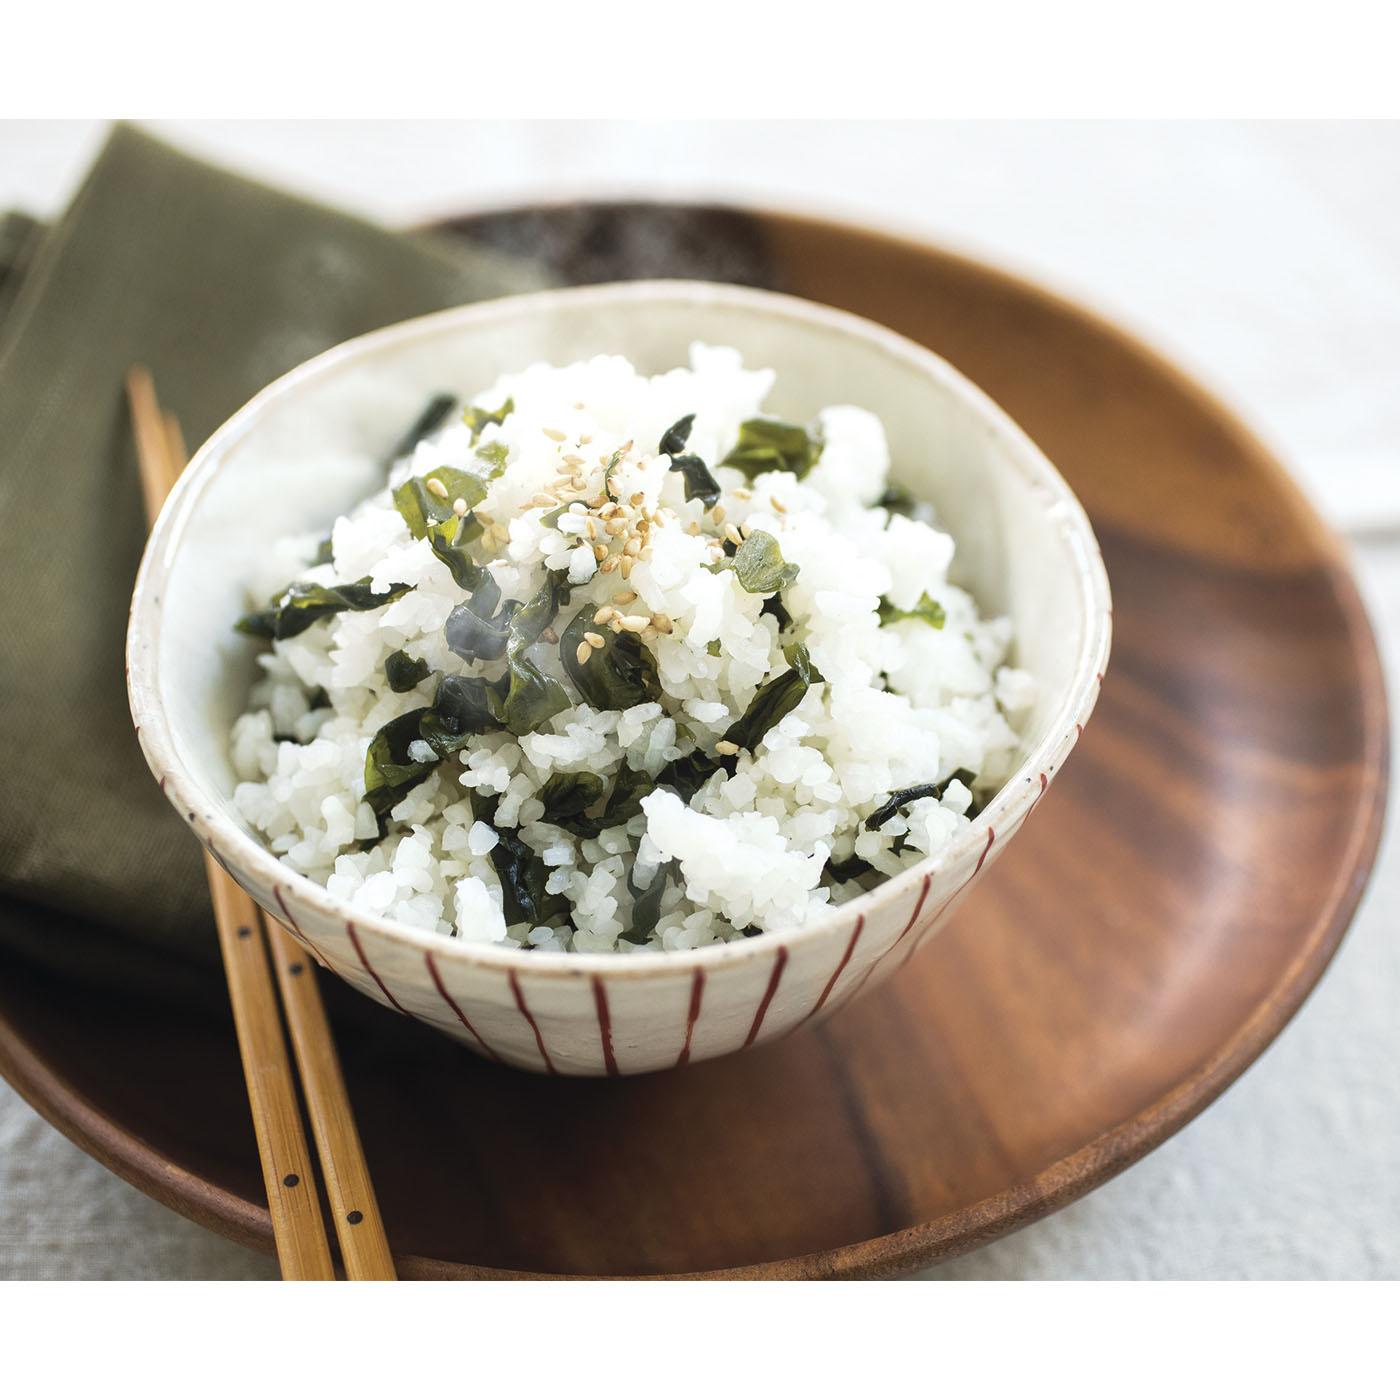 海の香りがほんのりただよう「わかめご飯」はアルファ化米。お湯を注いで15分、緊急時には水だけでも作れます。